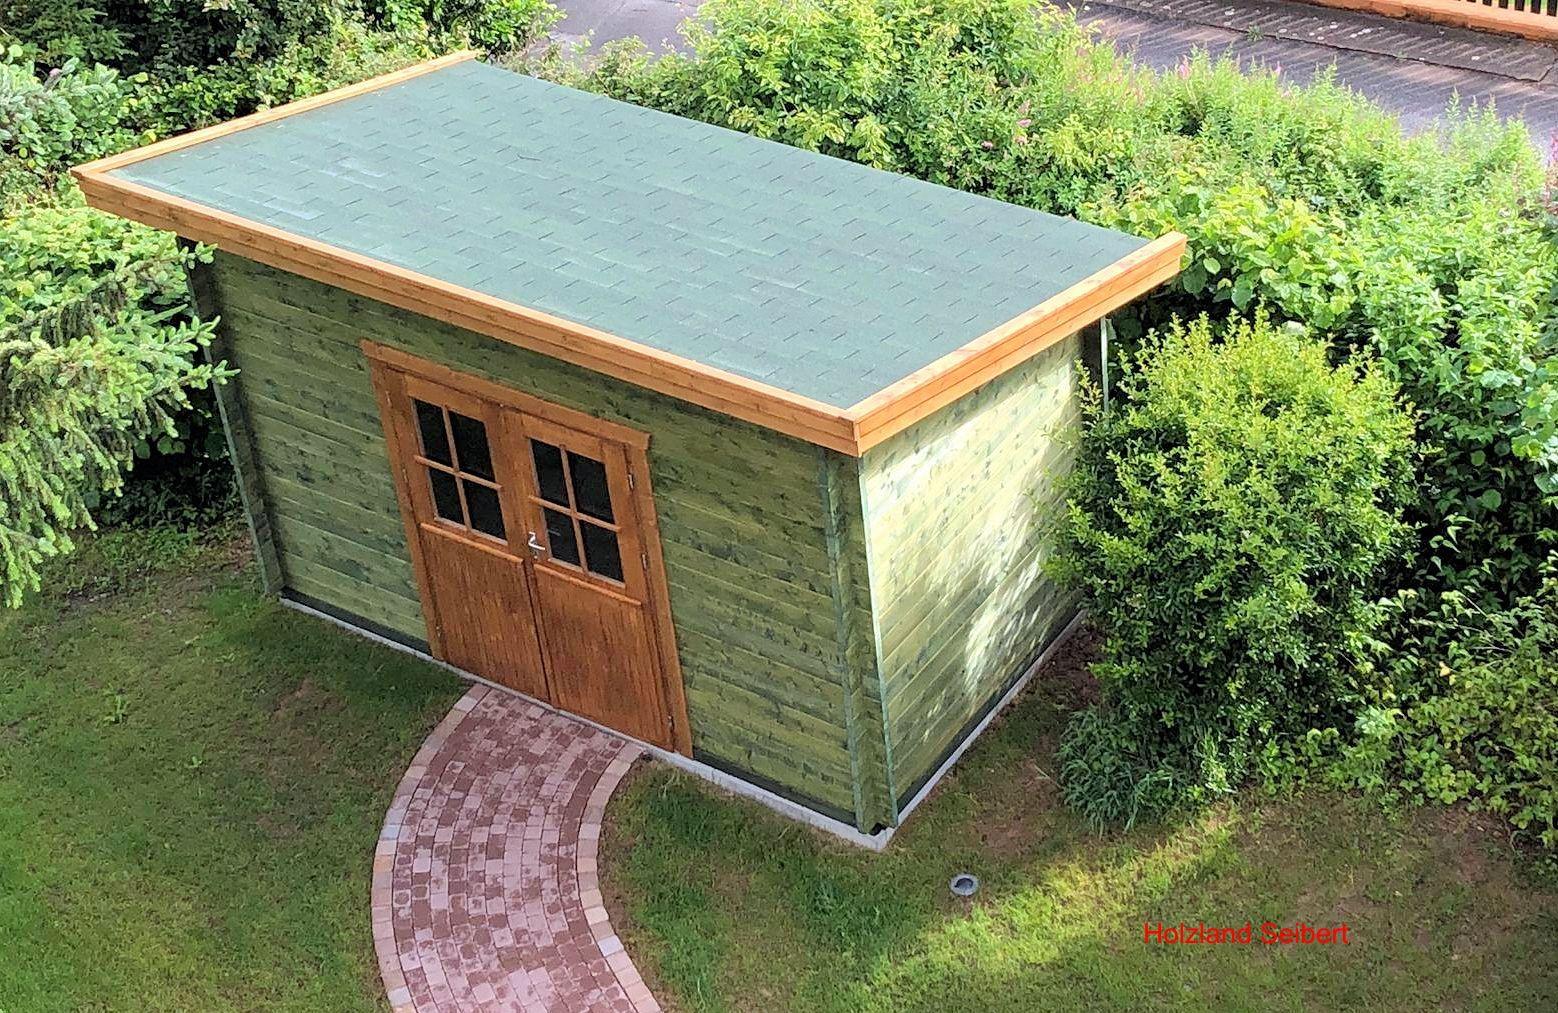 Gartenhaus Mit Pultdach Gartenhaus Pultdach Gartenhaus Pultdach